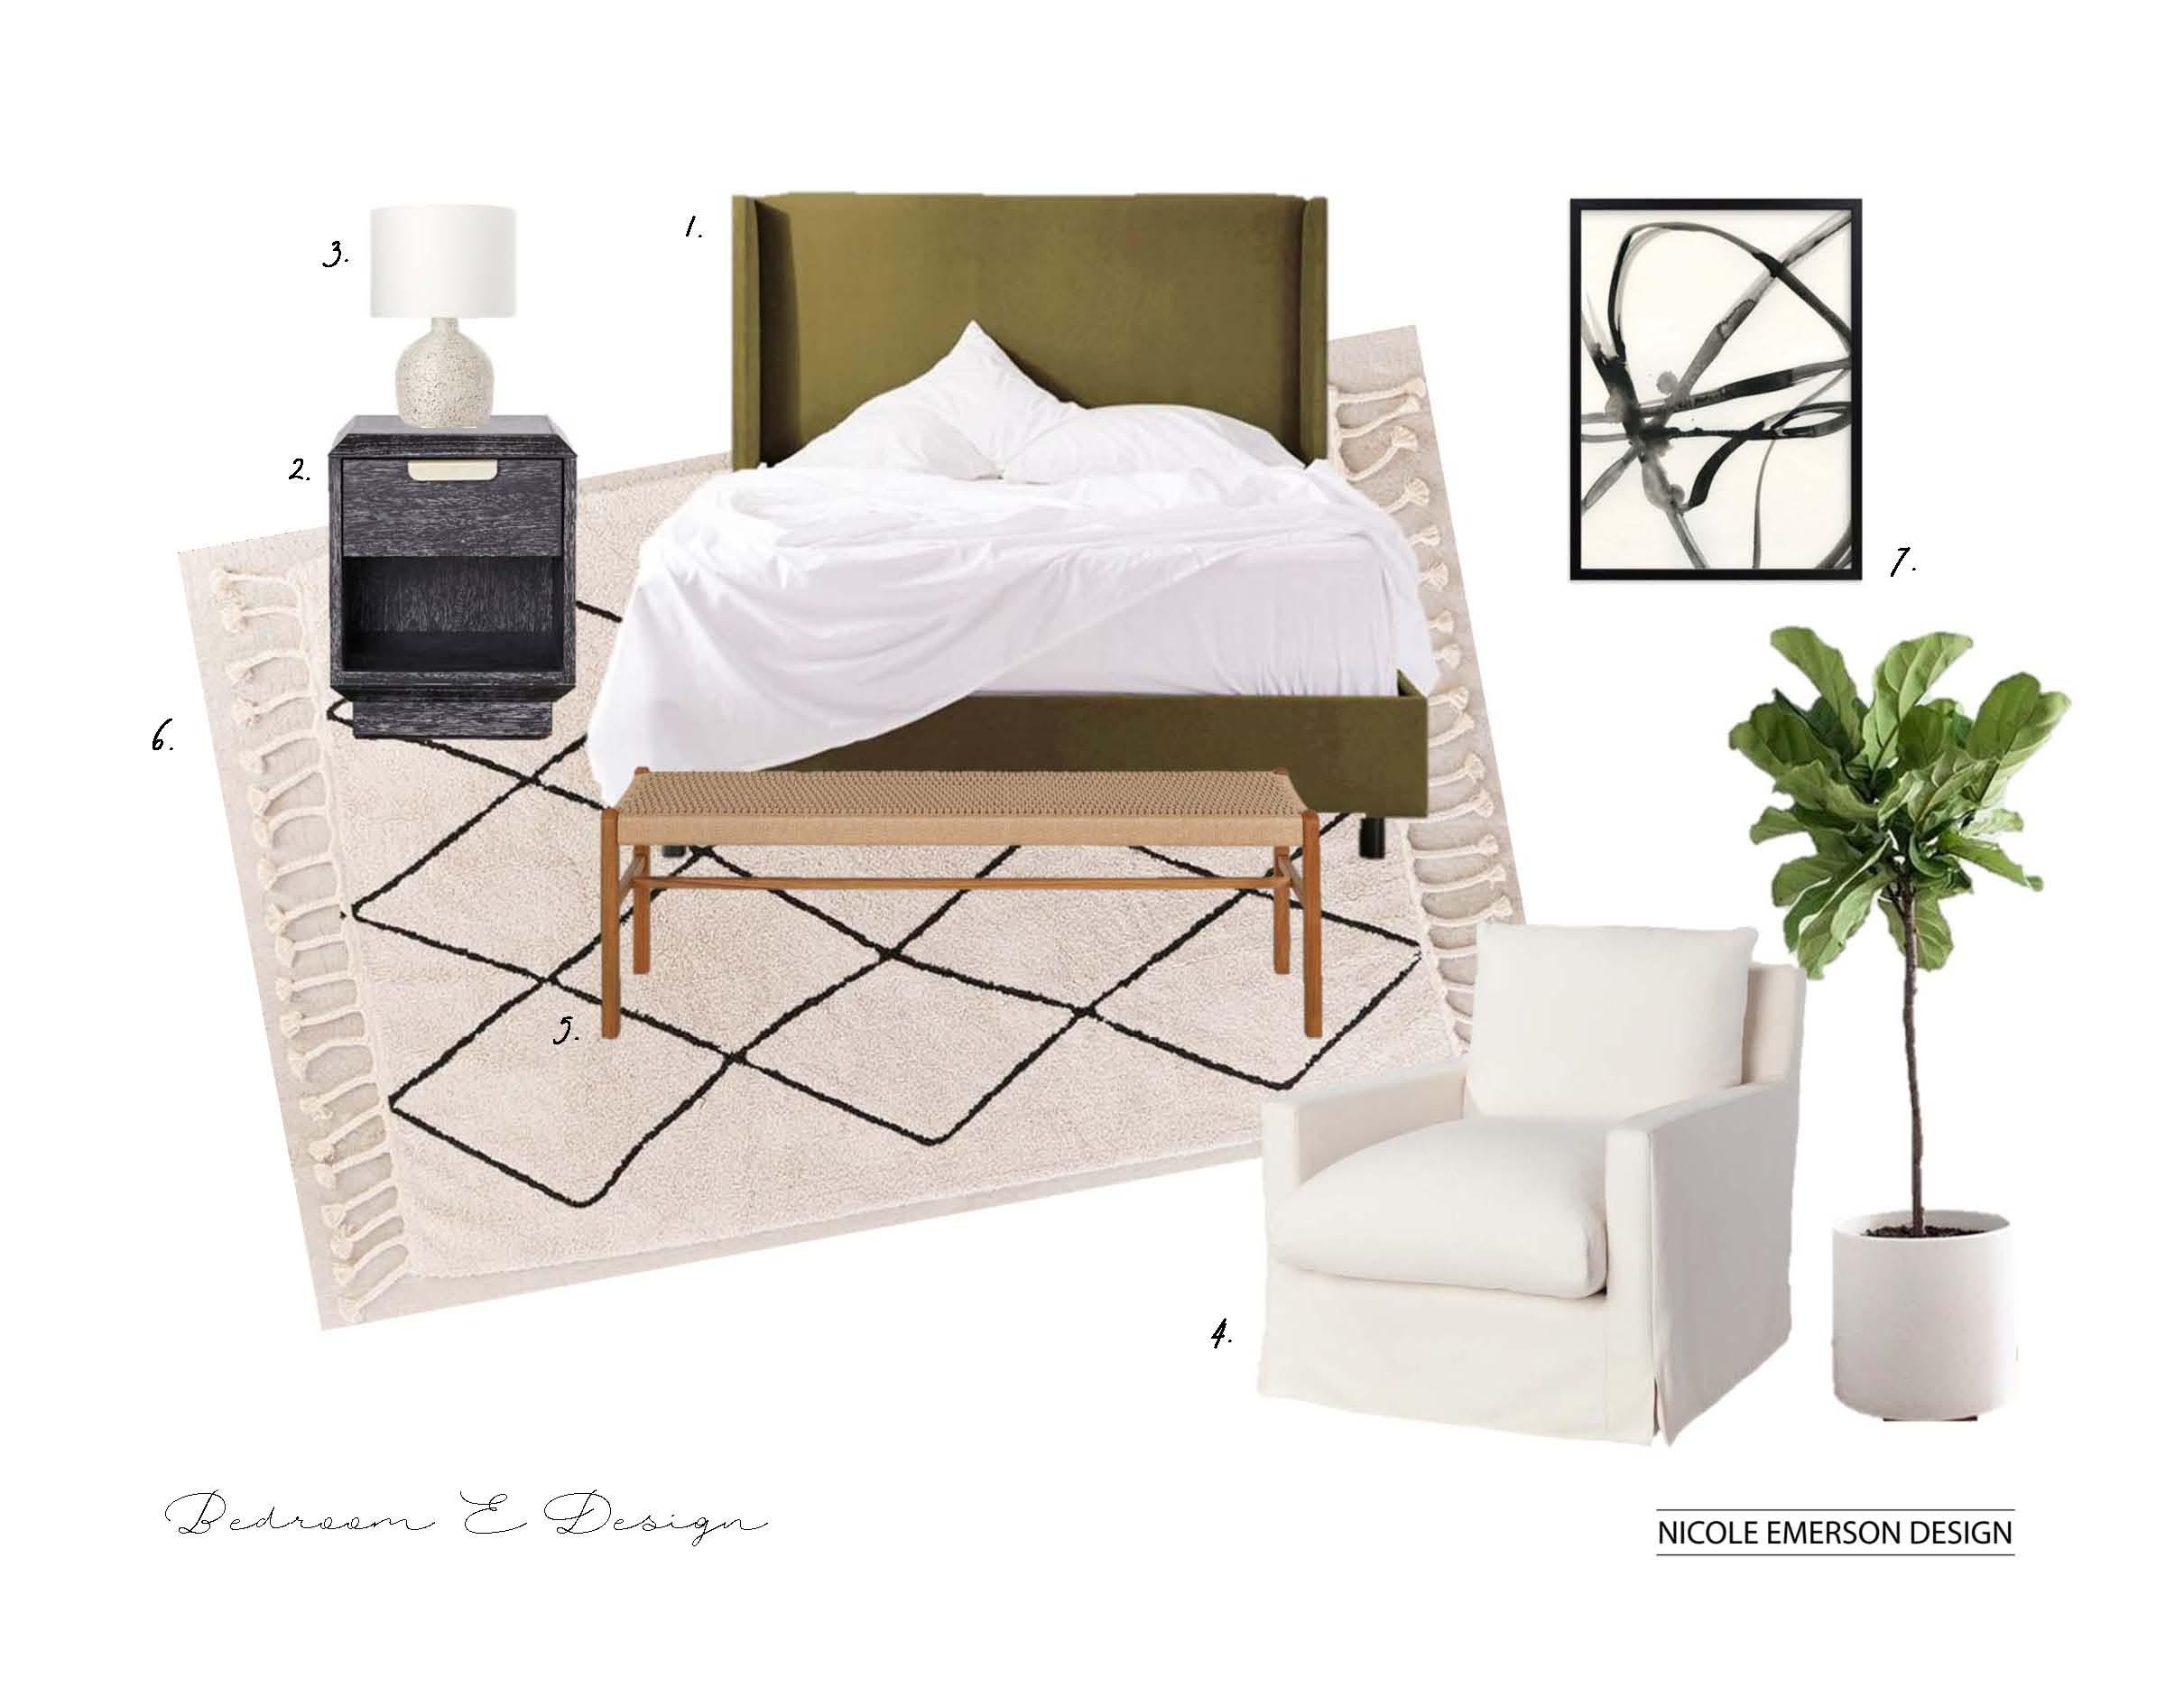 Bedroom E Design.jpg